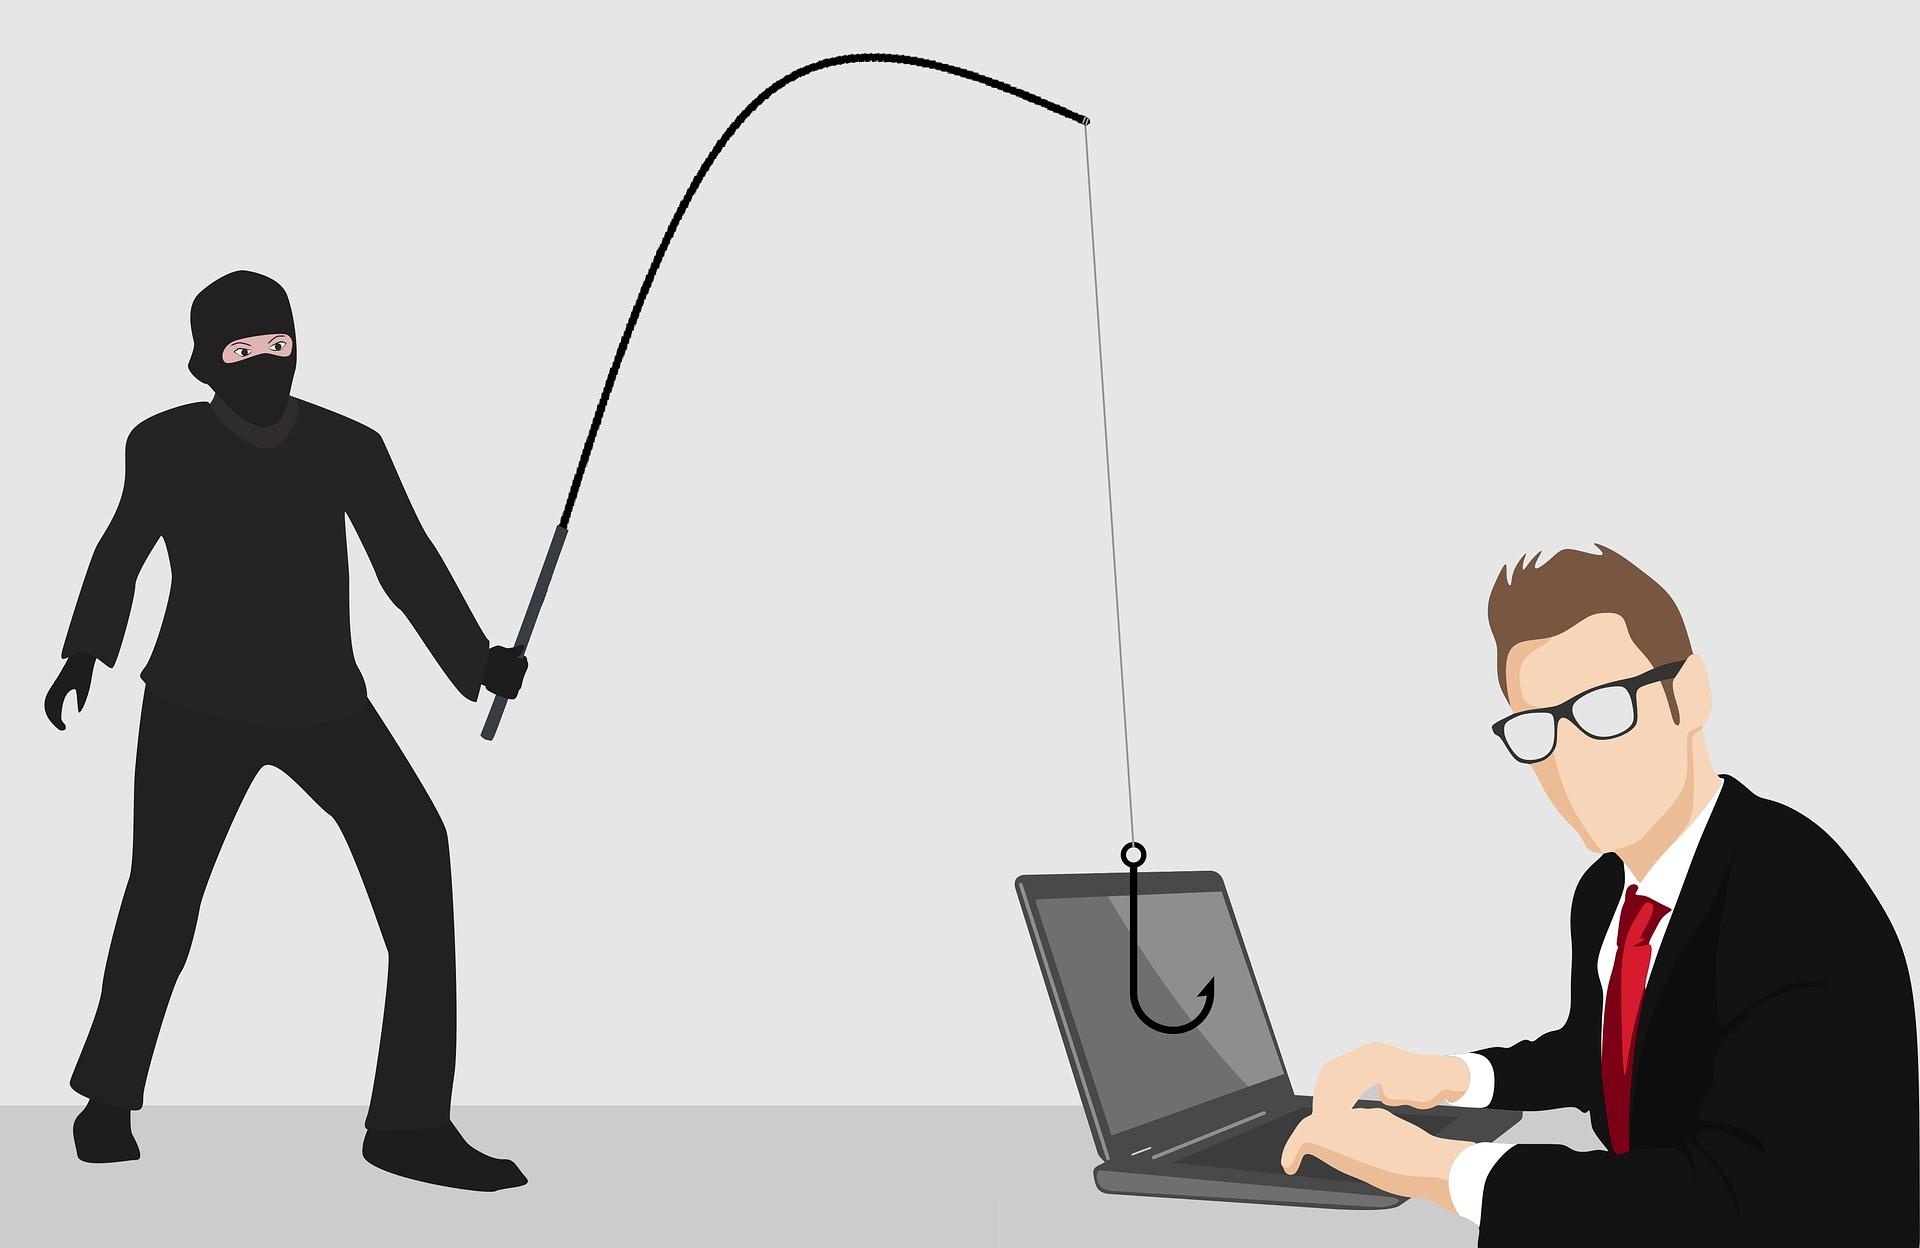 Debit Order Payment - Standard Bank Phishing Scam